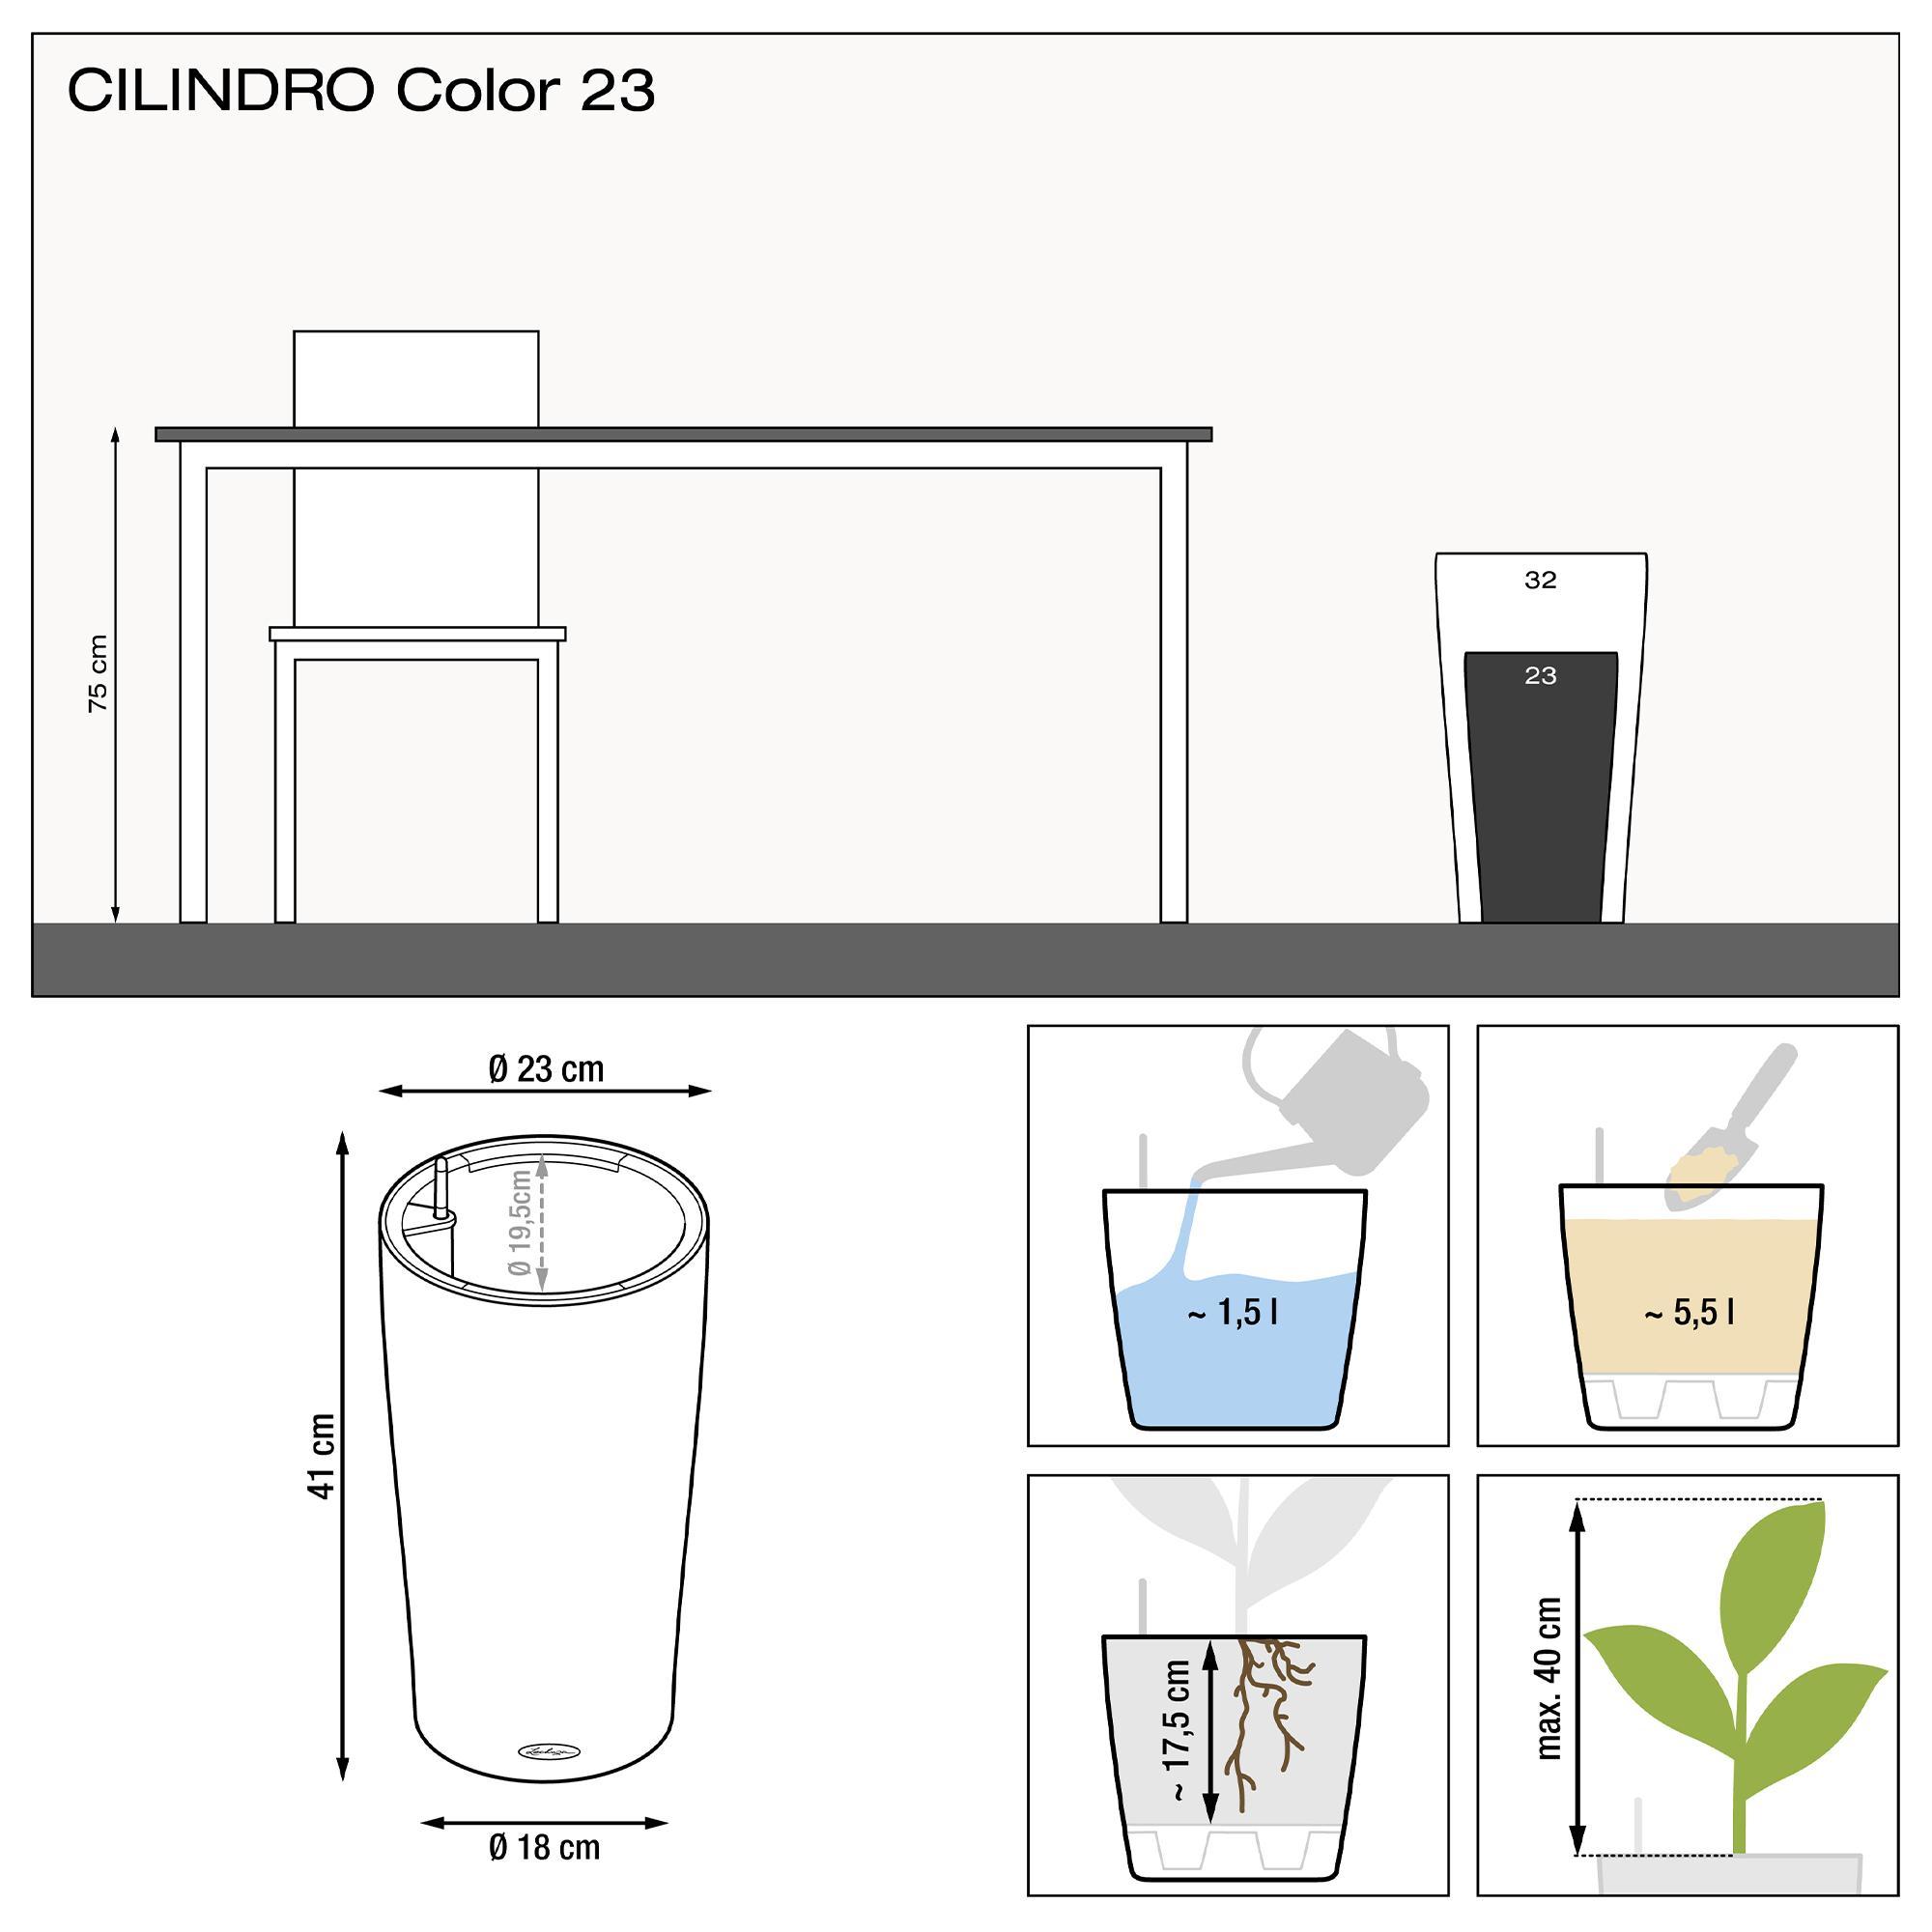 le_cilindro-color23_product_addi_nz